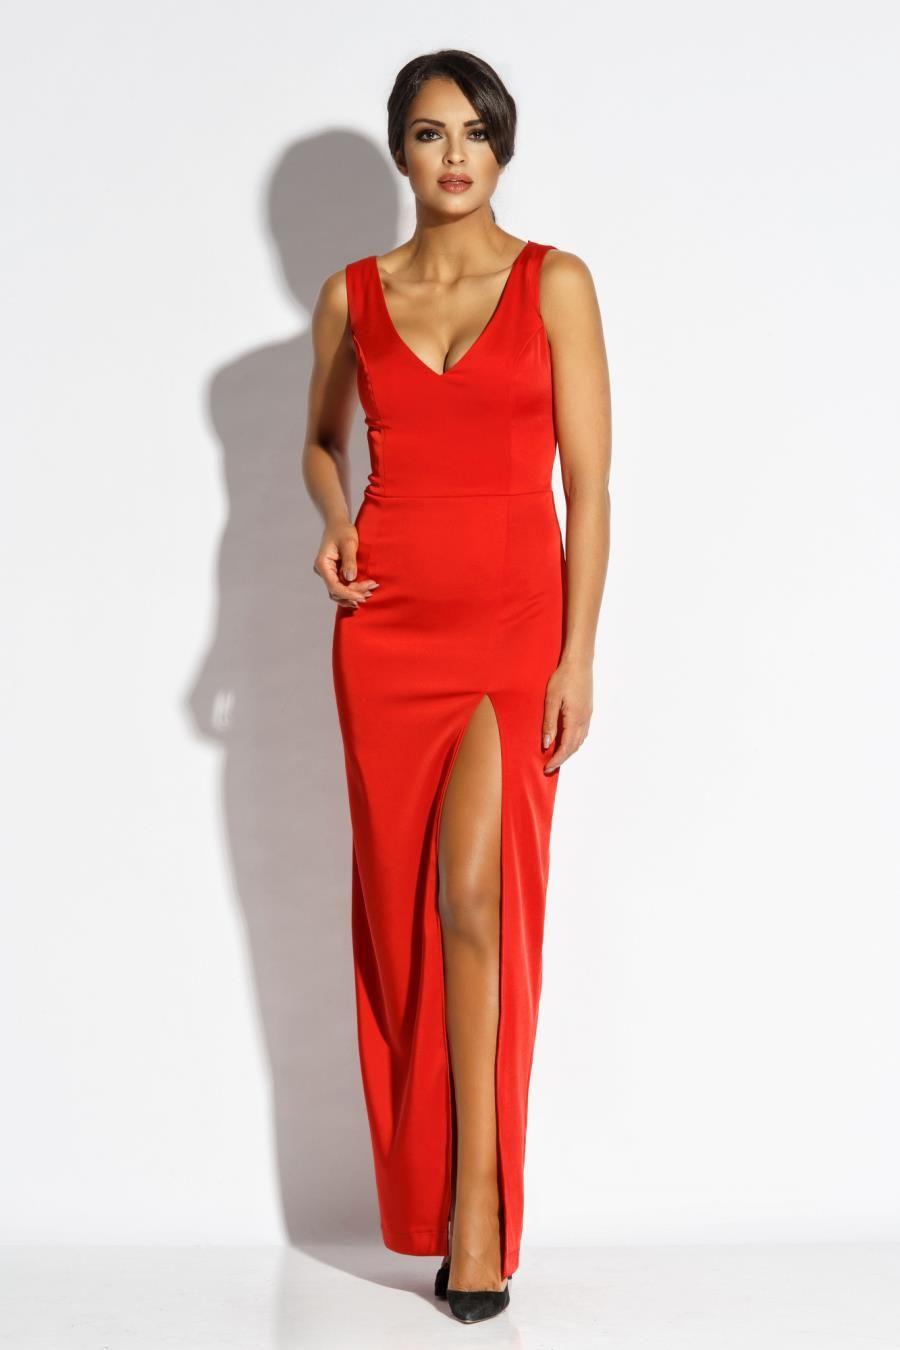 18aef147ba2d41 Stylowa Długa Sukienka Czerwona Bella w 2019 | Sukienka, Sukienki ...